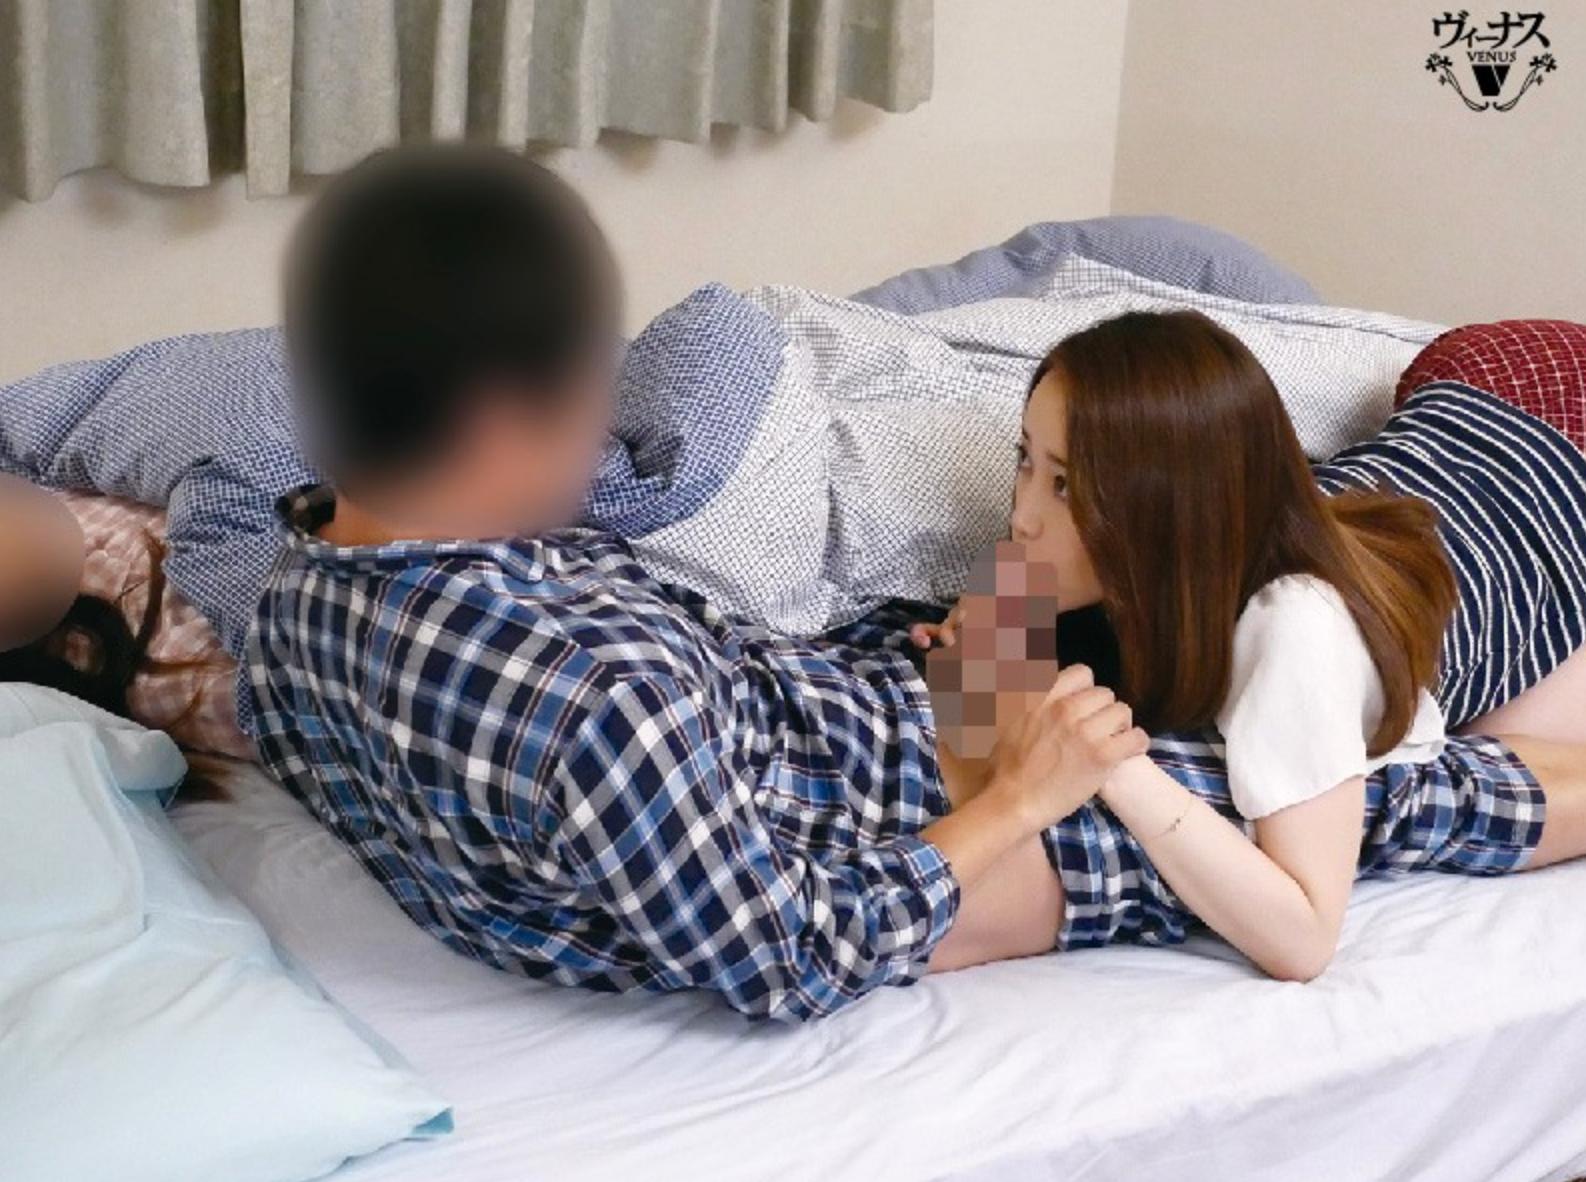 寝ている義母のお尻を嫁のお尻と間違えて、義母とは知らずに即挿入。 篠田ゆう